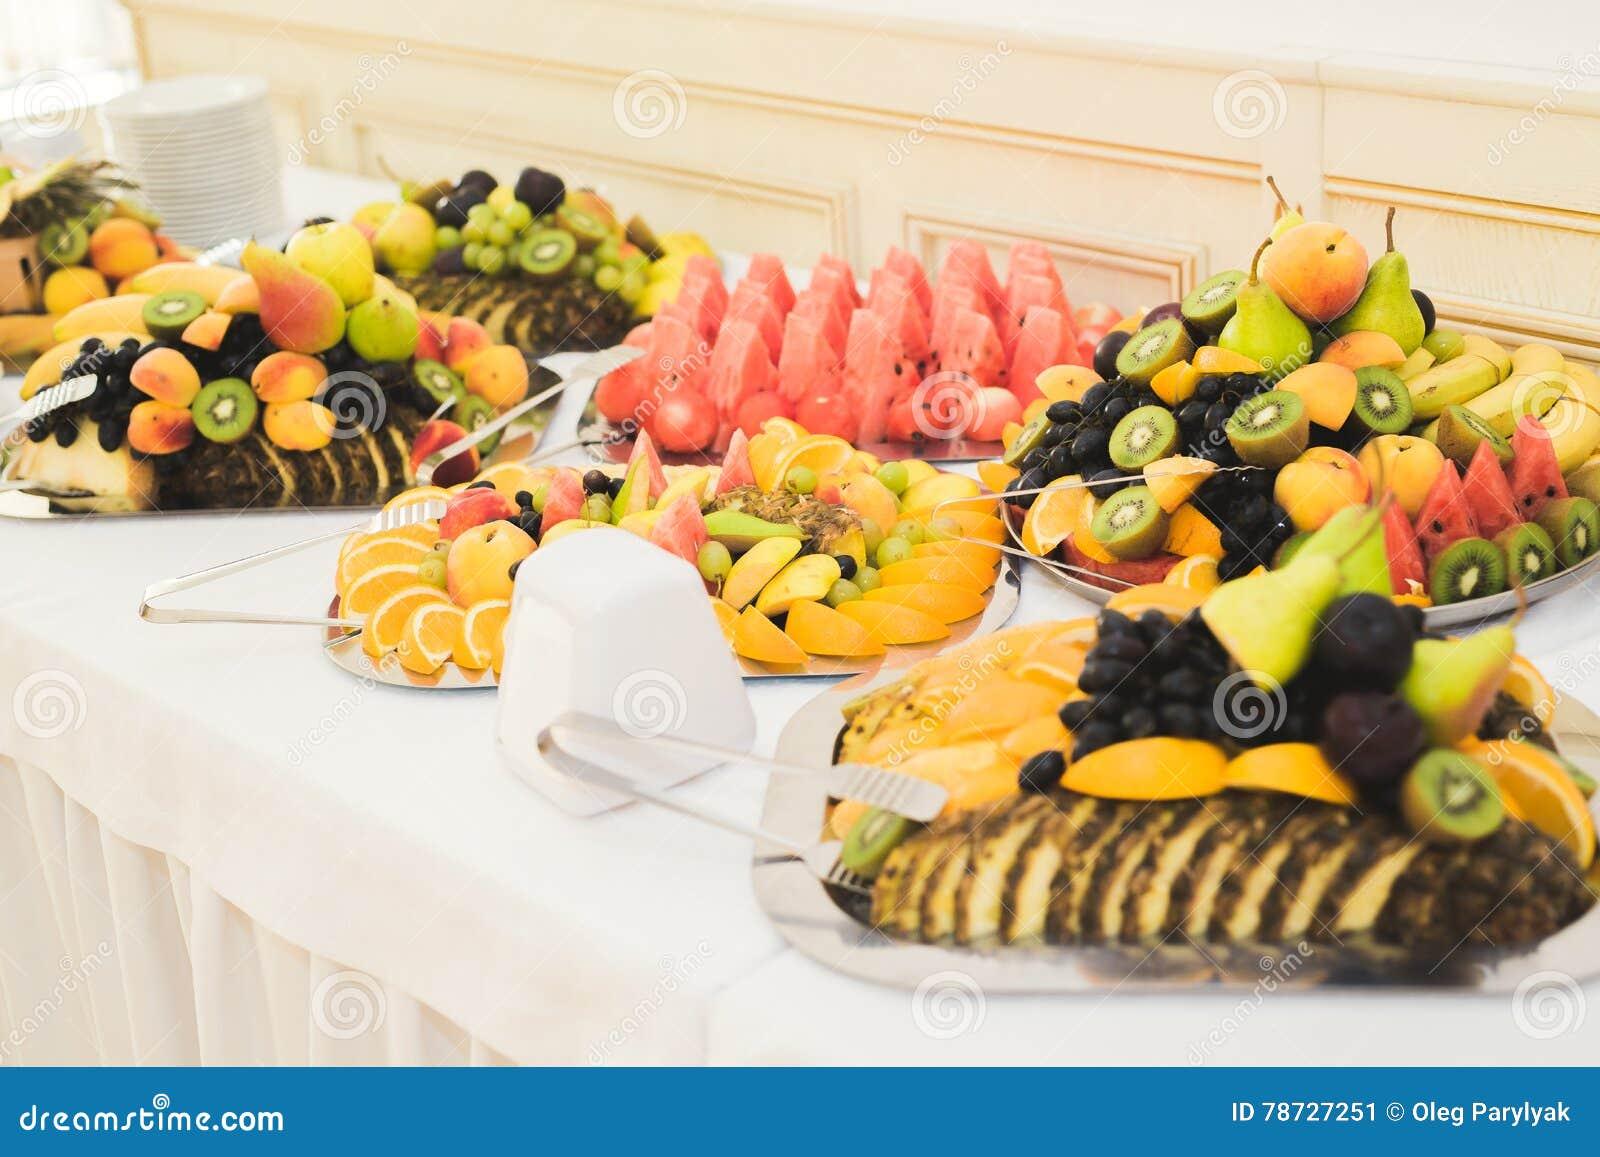 Autentisk buffé, blandade nya frukter, bär och citrus Förberedelse för idérik meny för design